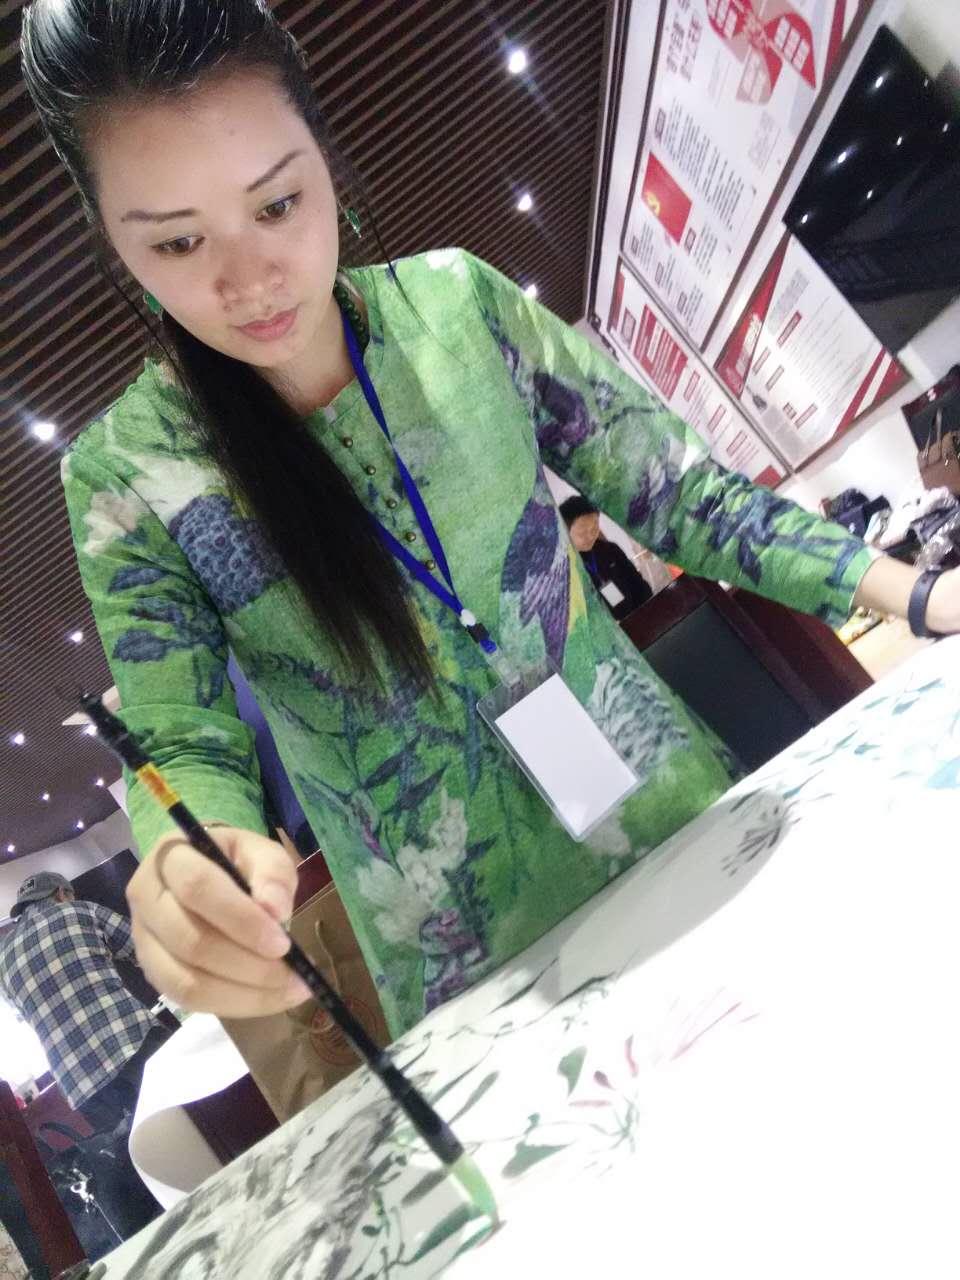 人民画院杭州分院会员、知名书画艺术家鮑贵芬创作